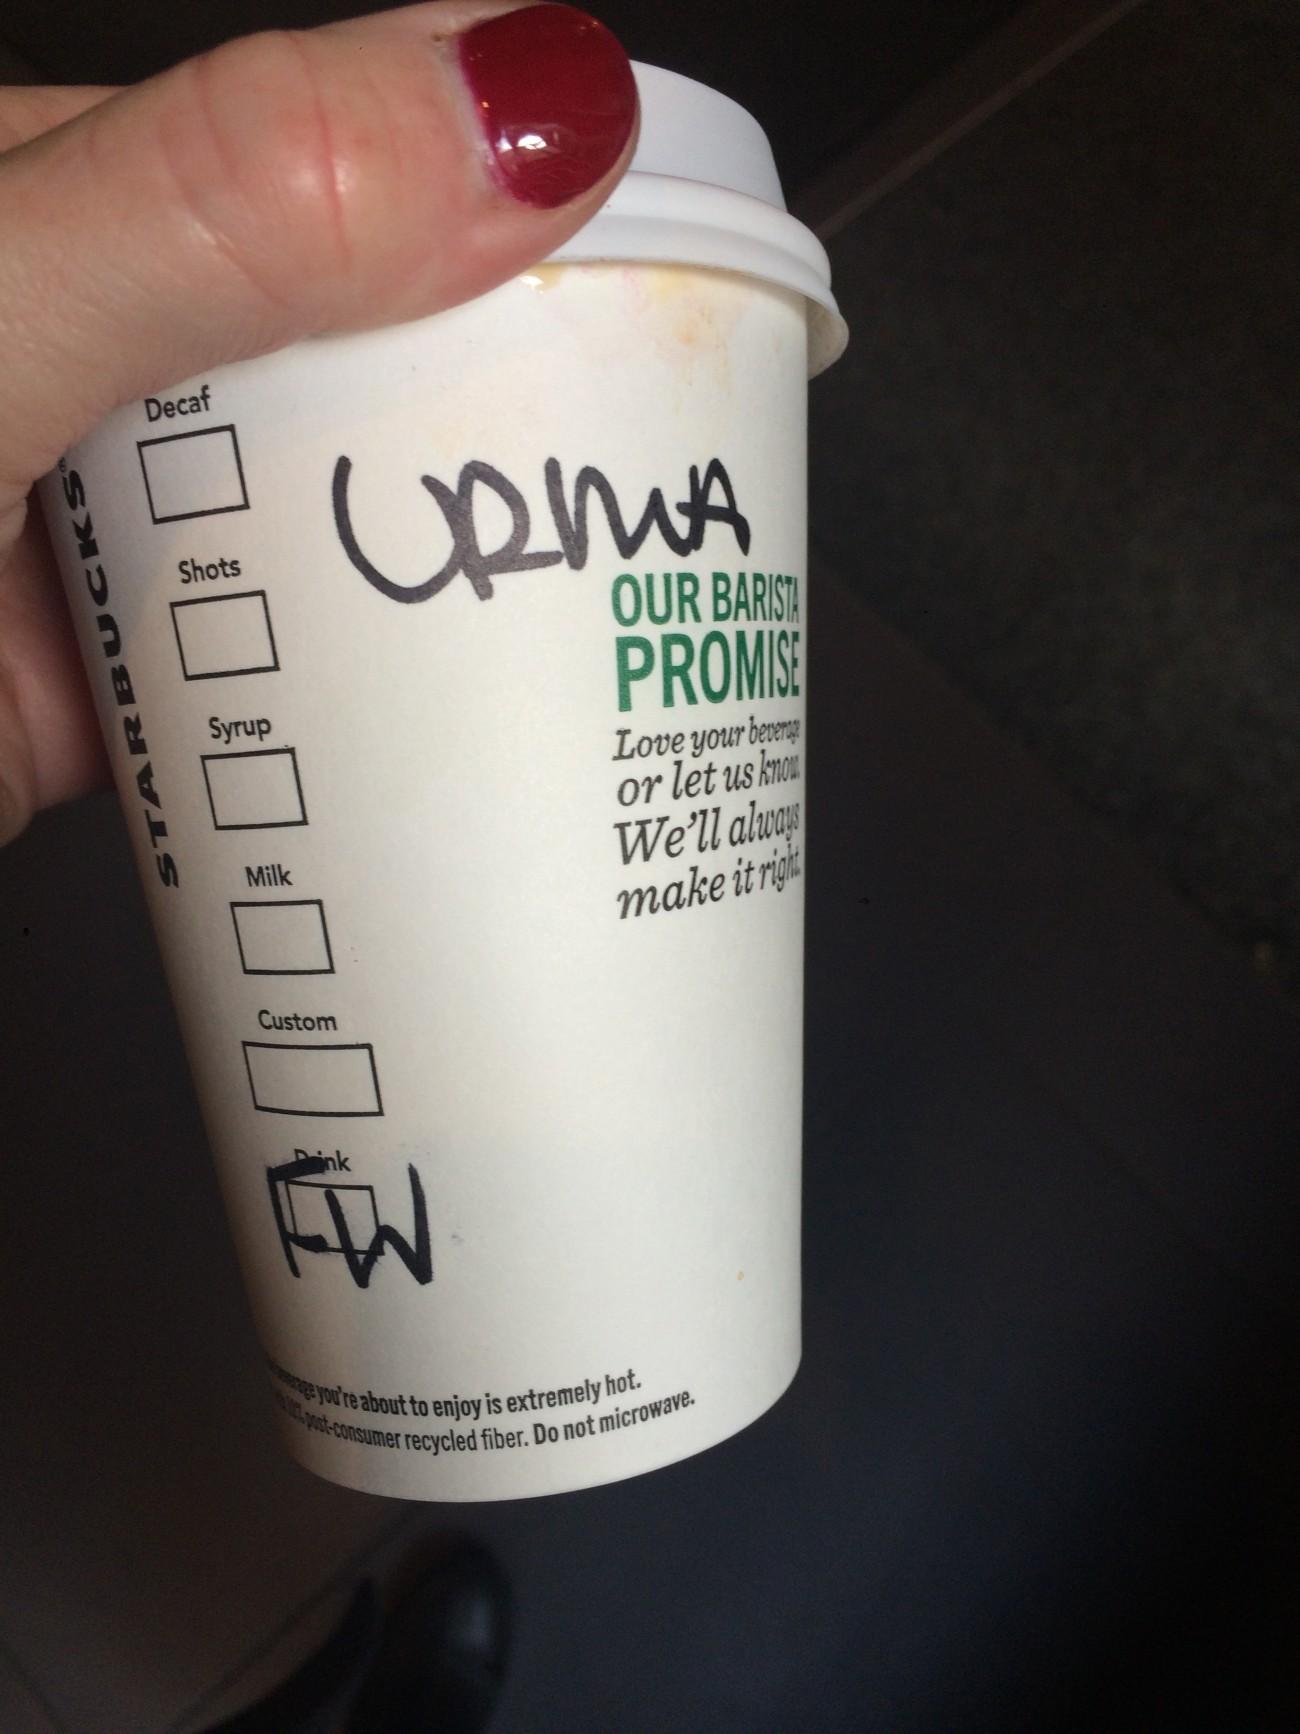 Vanessa Place et Steve Giasson. Performance invisible n° 109 (Mettre son égo de côté : Adopter un faux nom chez Starbucks). Performeuse : Vanessa Place. Crédit photographique : Vanessa Place. 29 mars 2016.